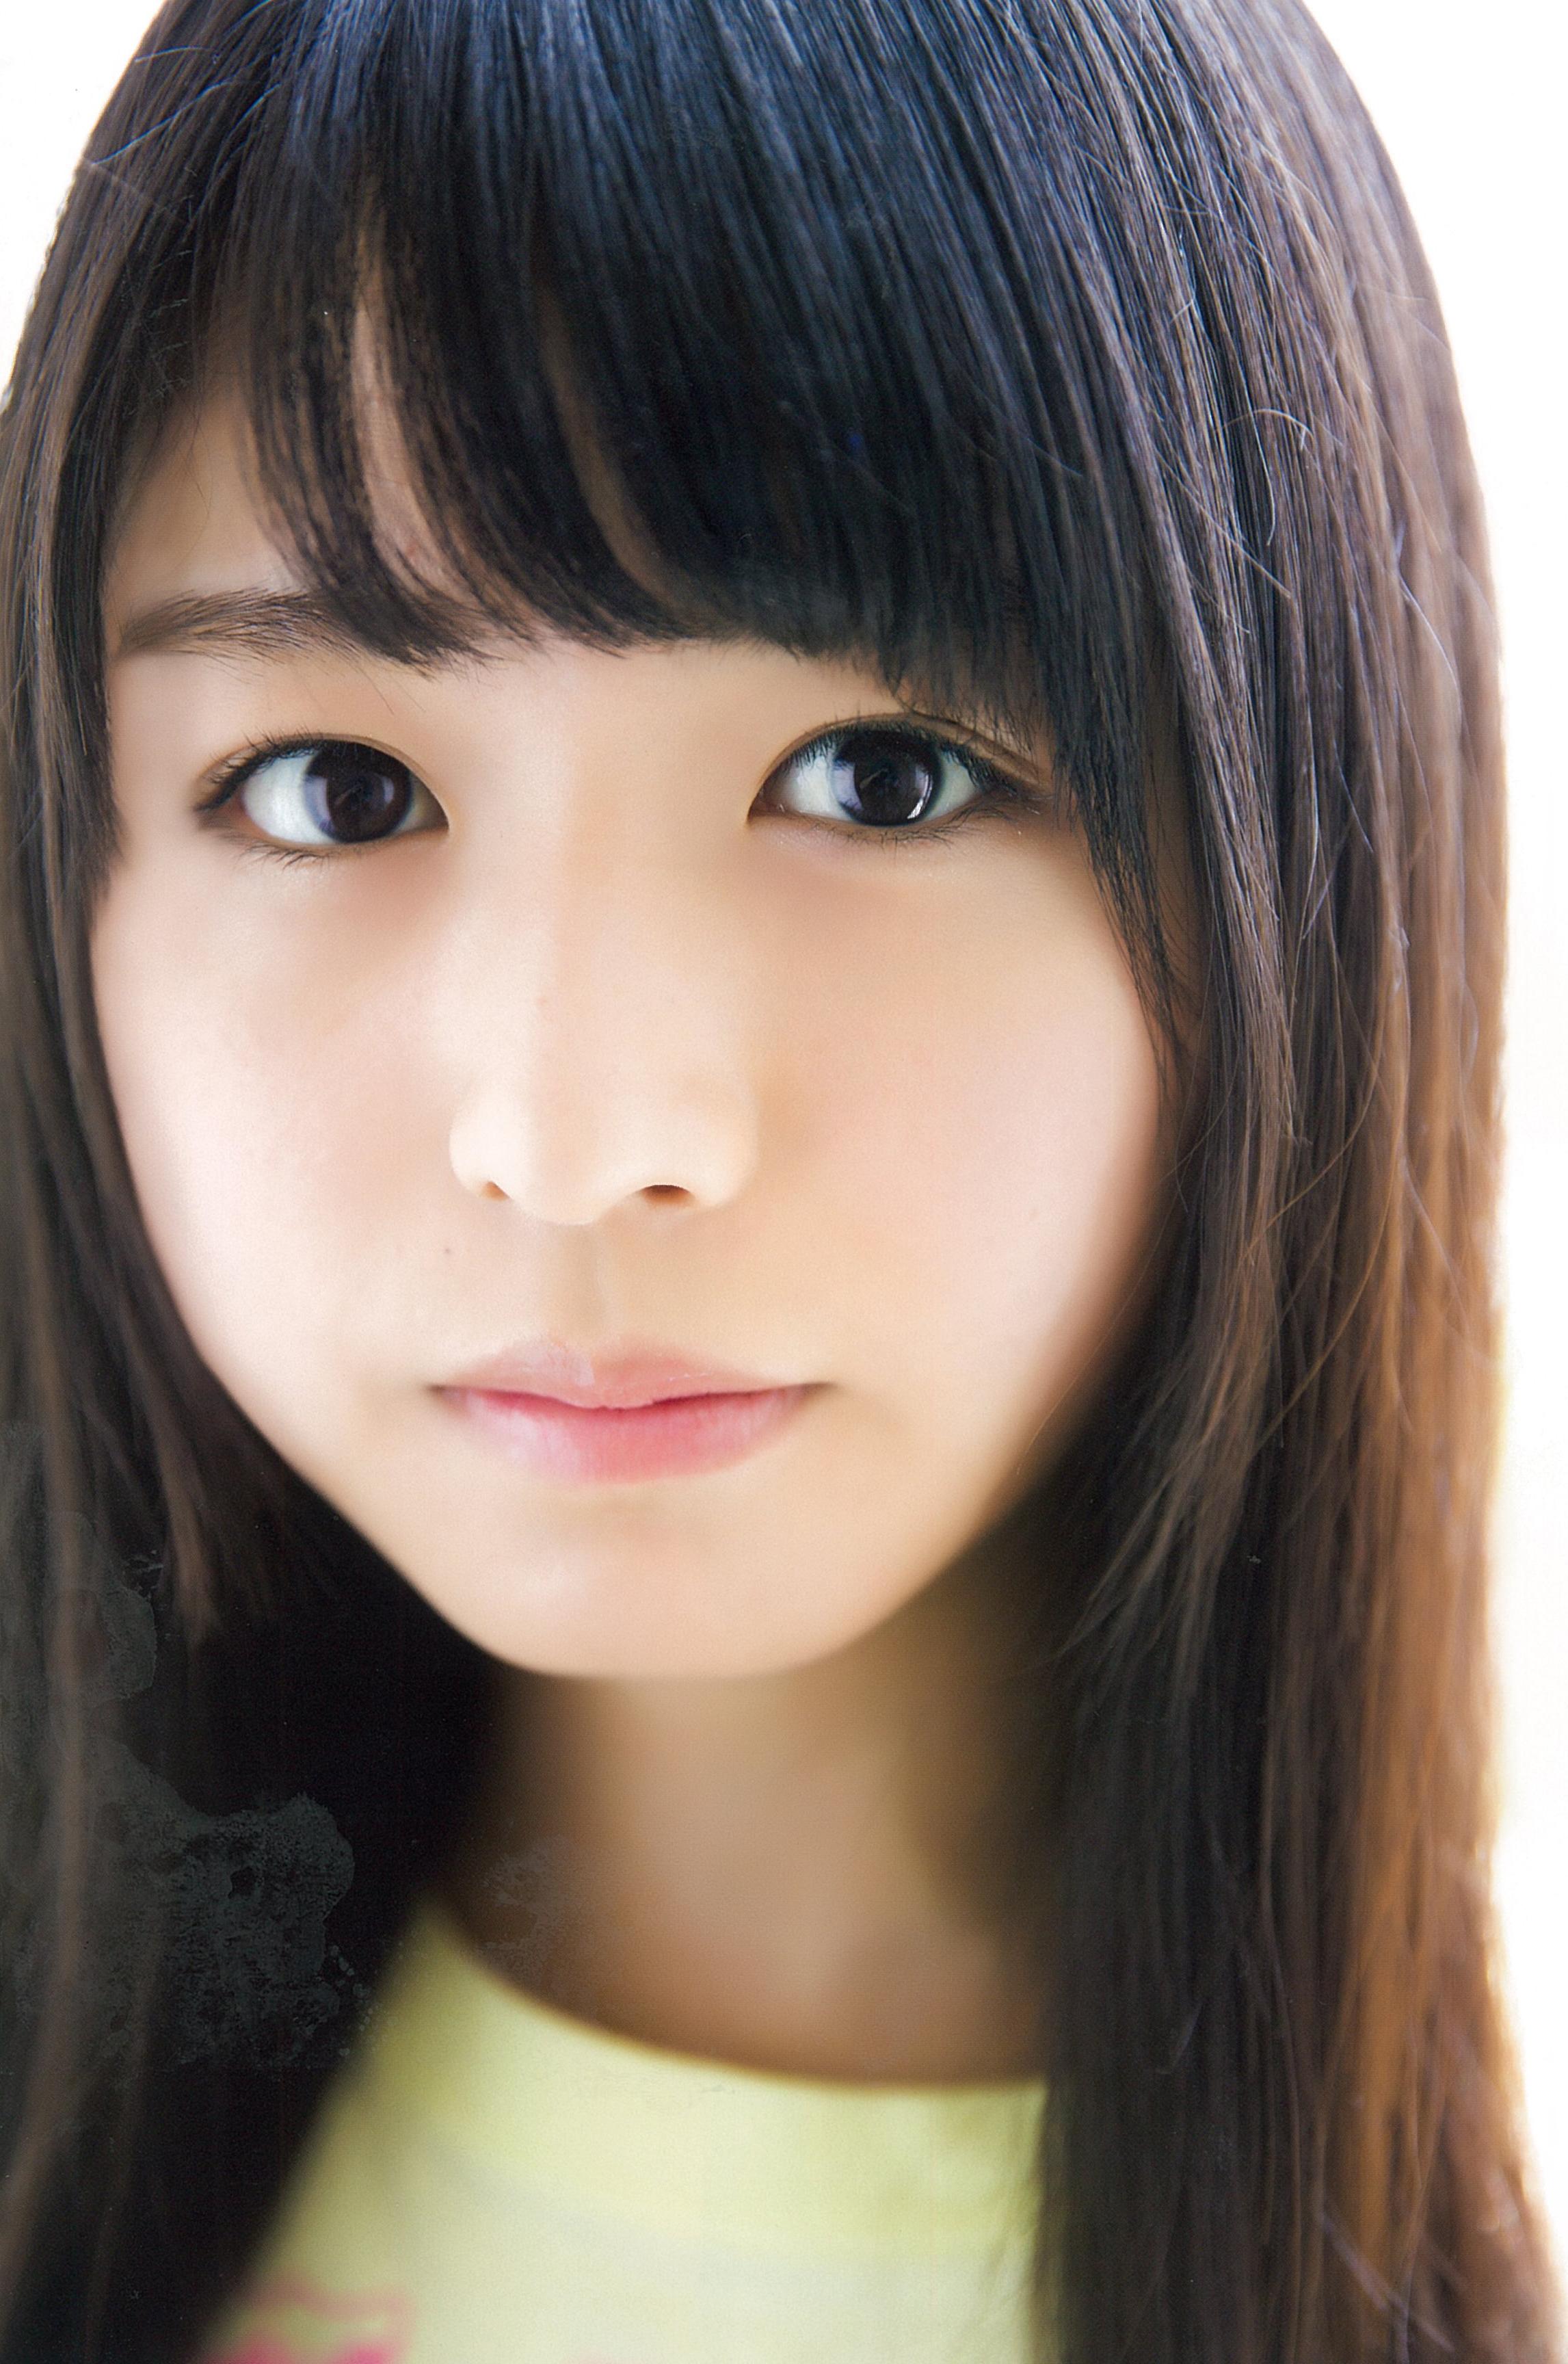 欅坂46長濱ねるちゃんの魅力全開グラビア画像 Akbと坂道の画像まとめブログ ガゾ速